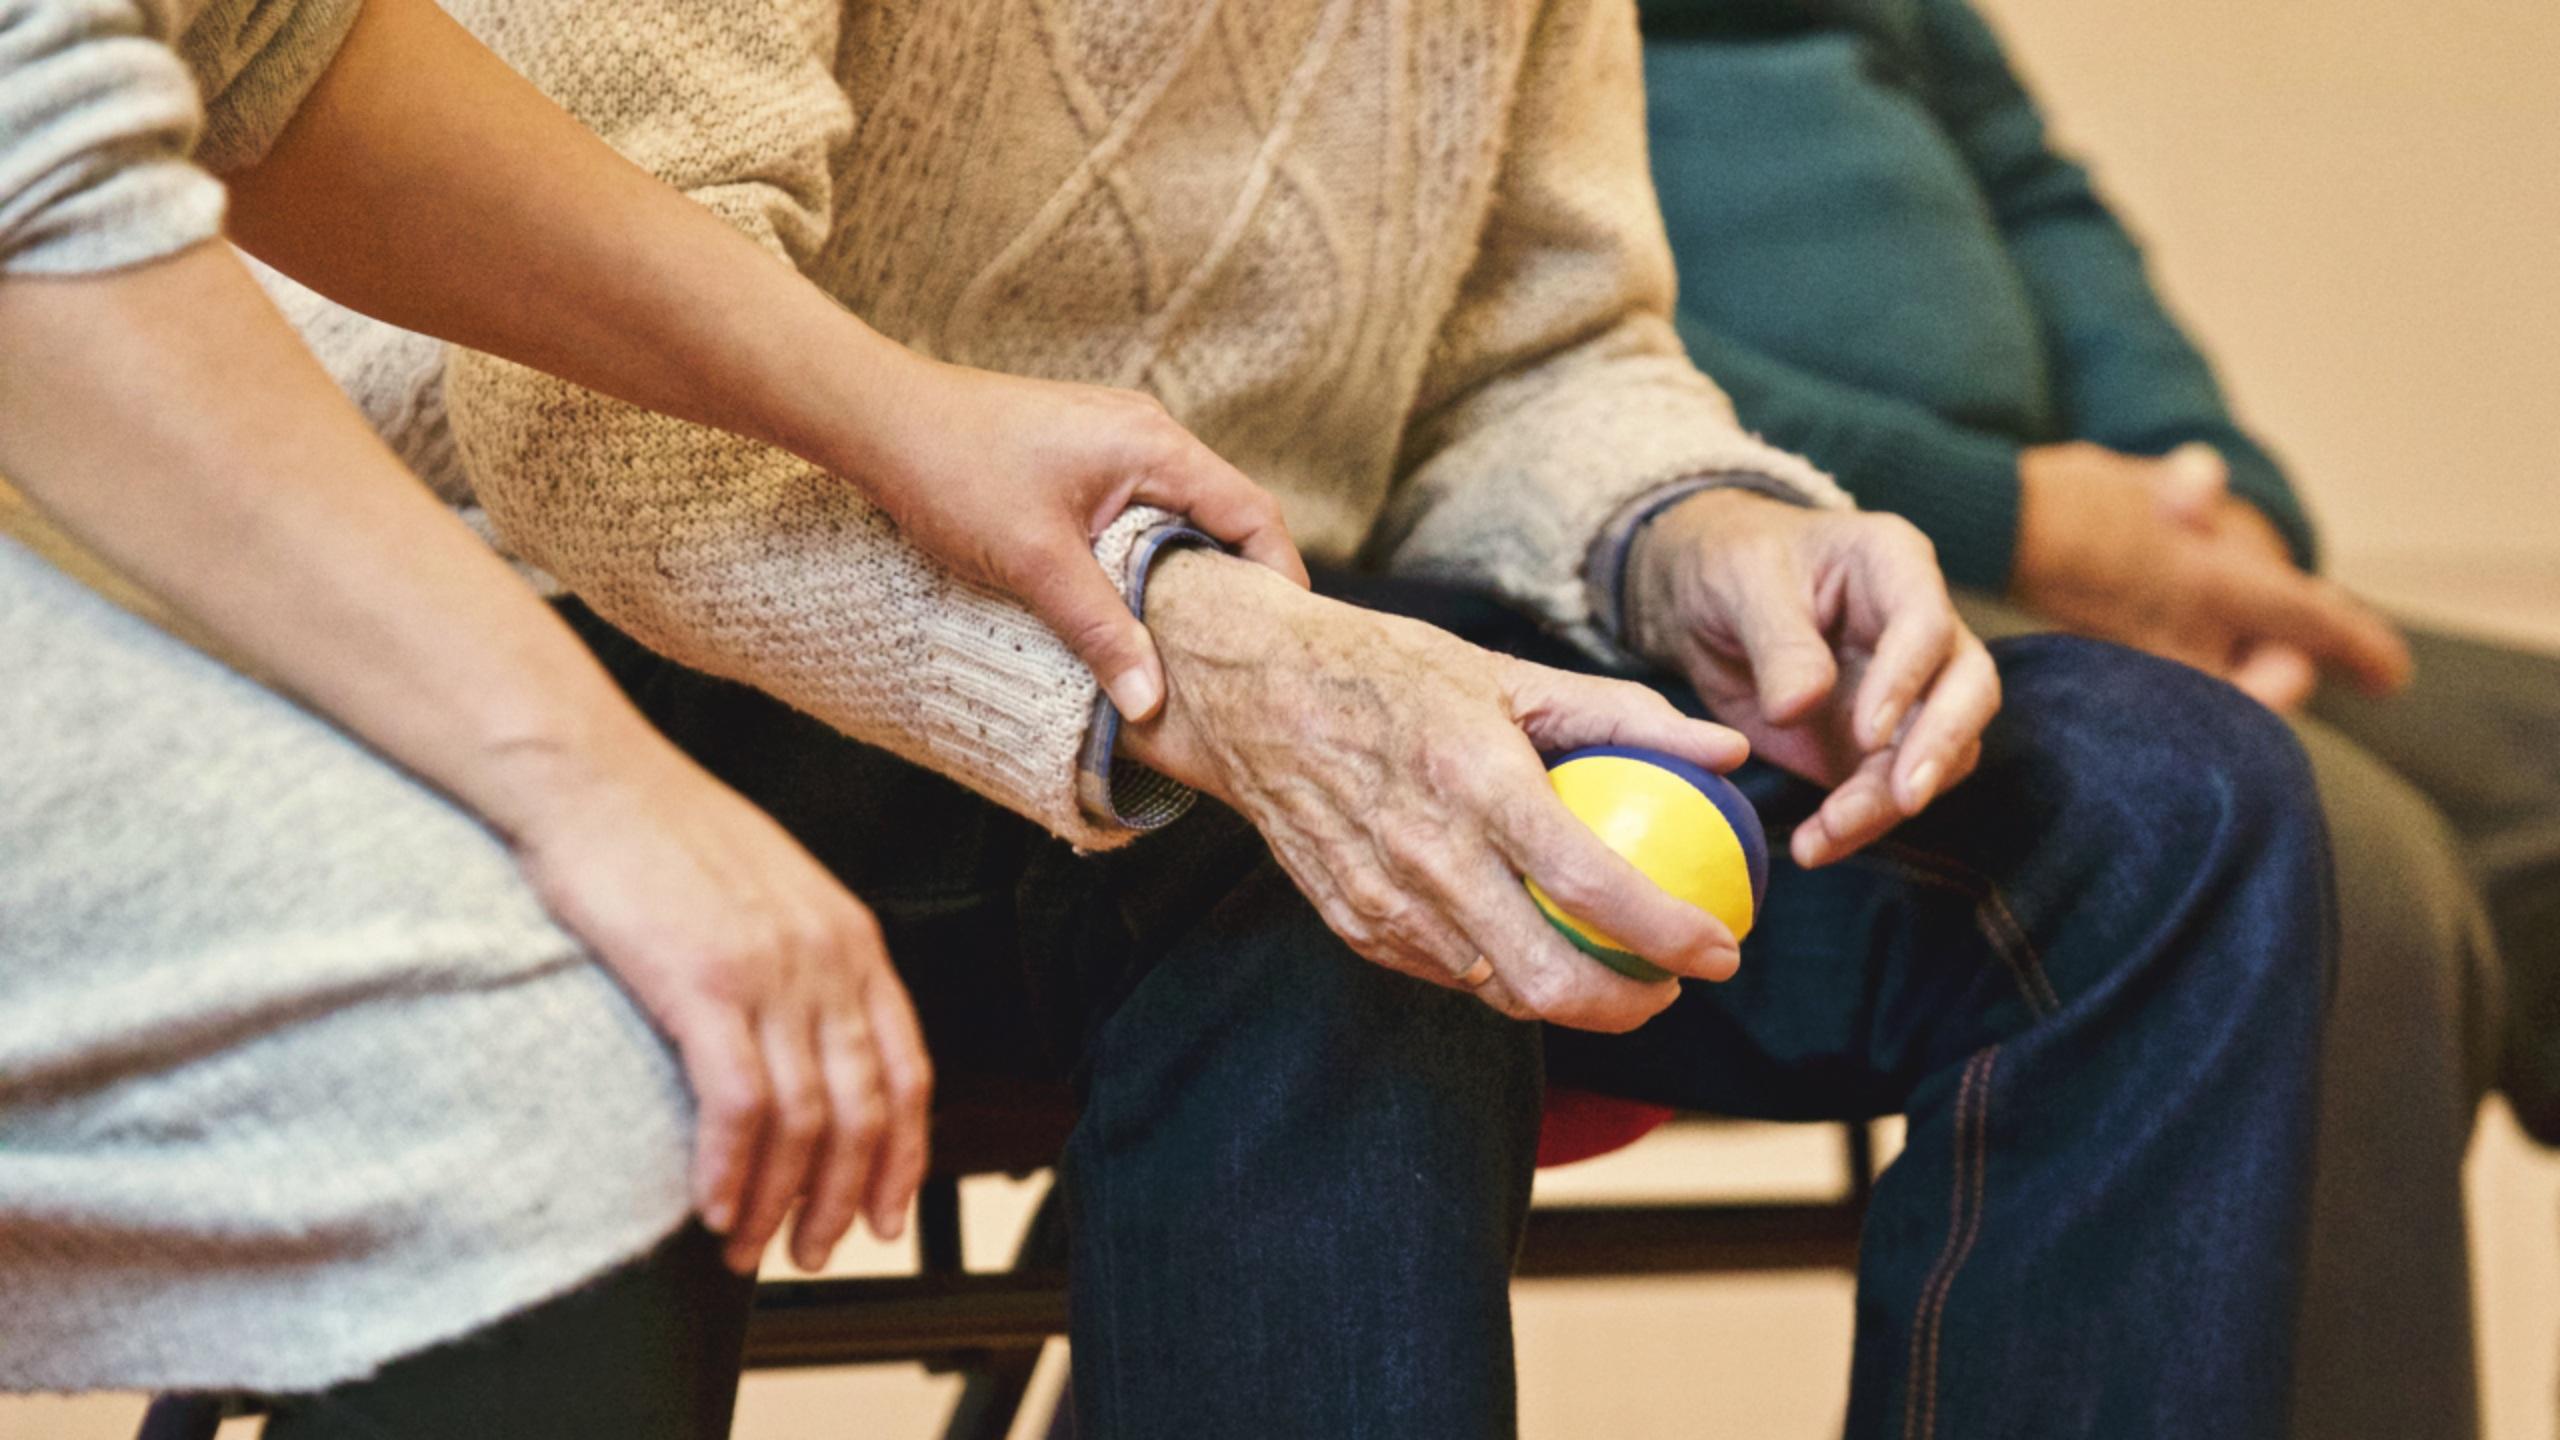 Promoção da integração social e comunitária da pessoa idosa